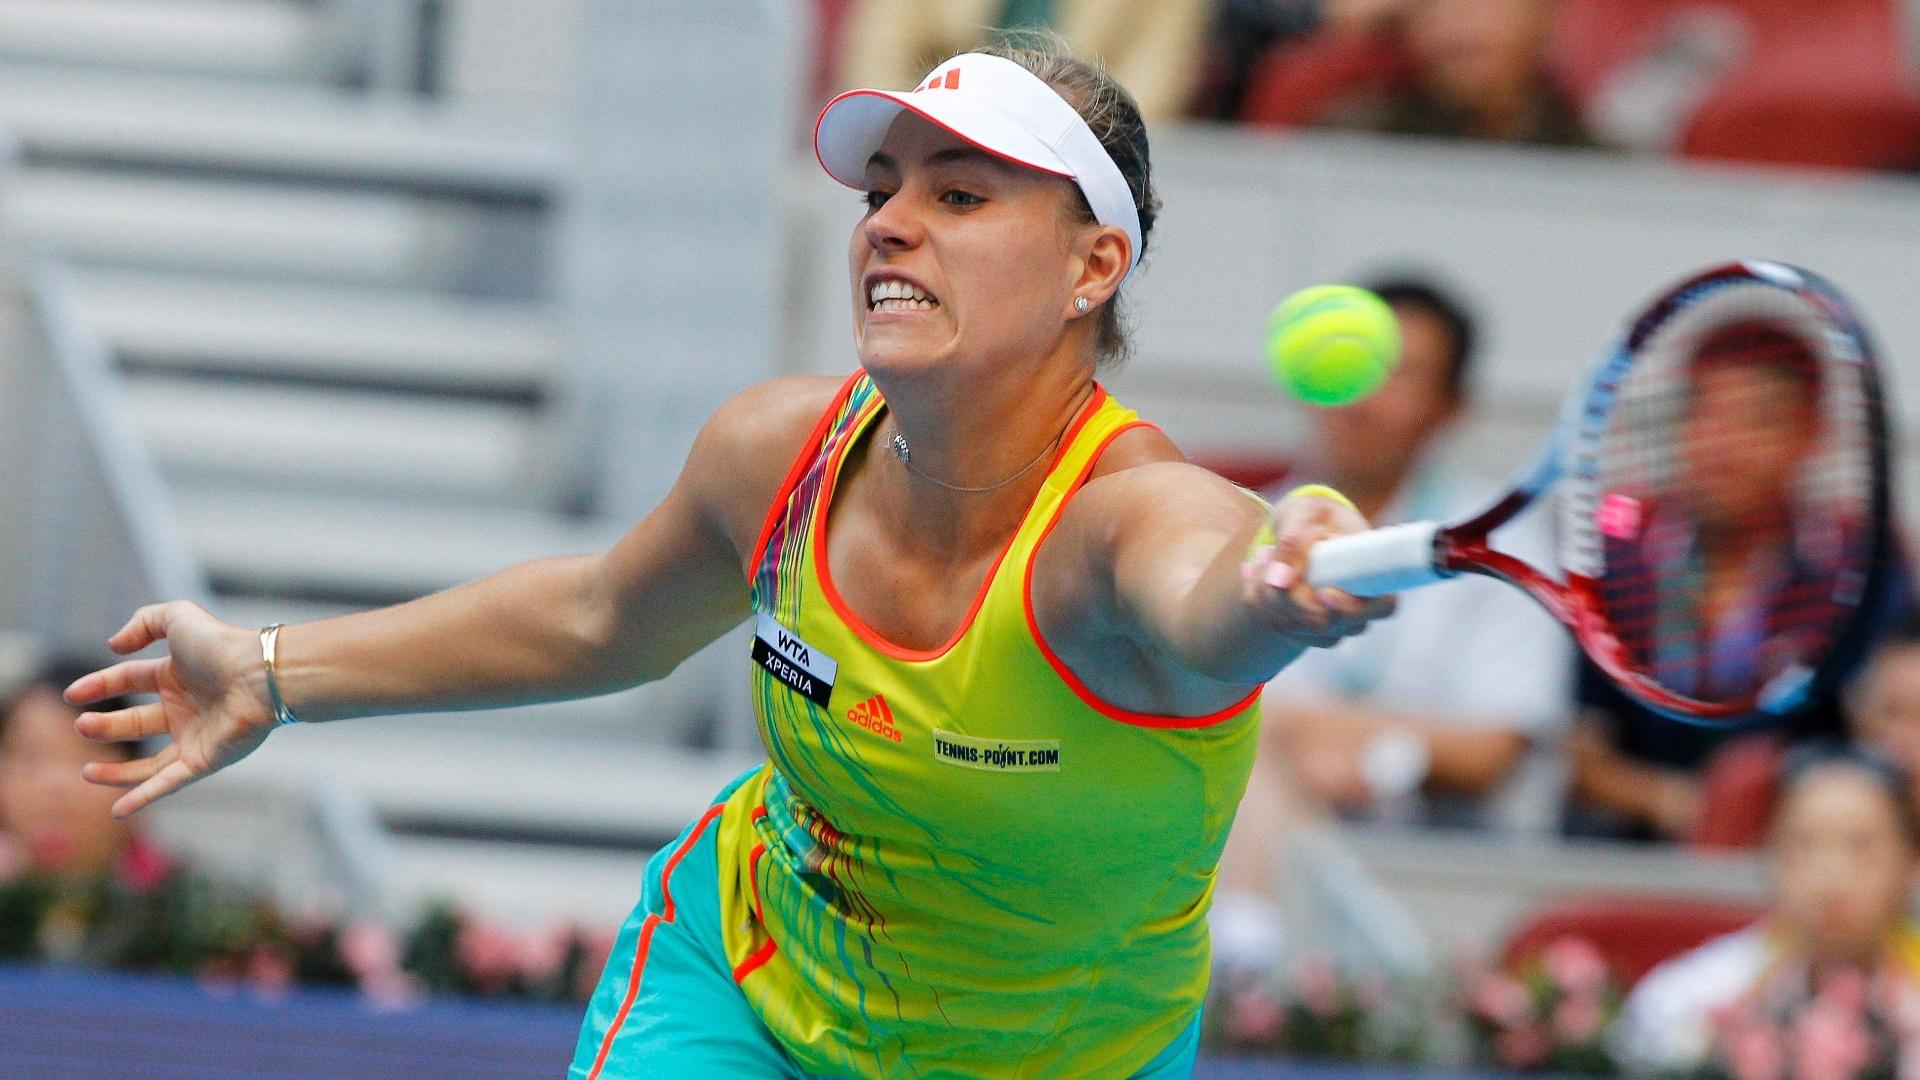 Alemã Angelique Kerber se estica para alcançar a bola em lance da partida contra a russa Maria Sharapova nas quartas de final do Torneio de Pequim (05/10/2012)